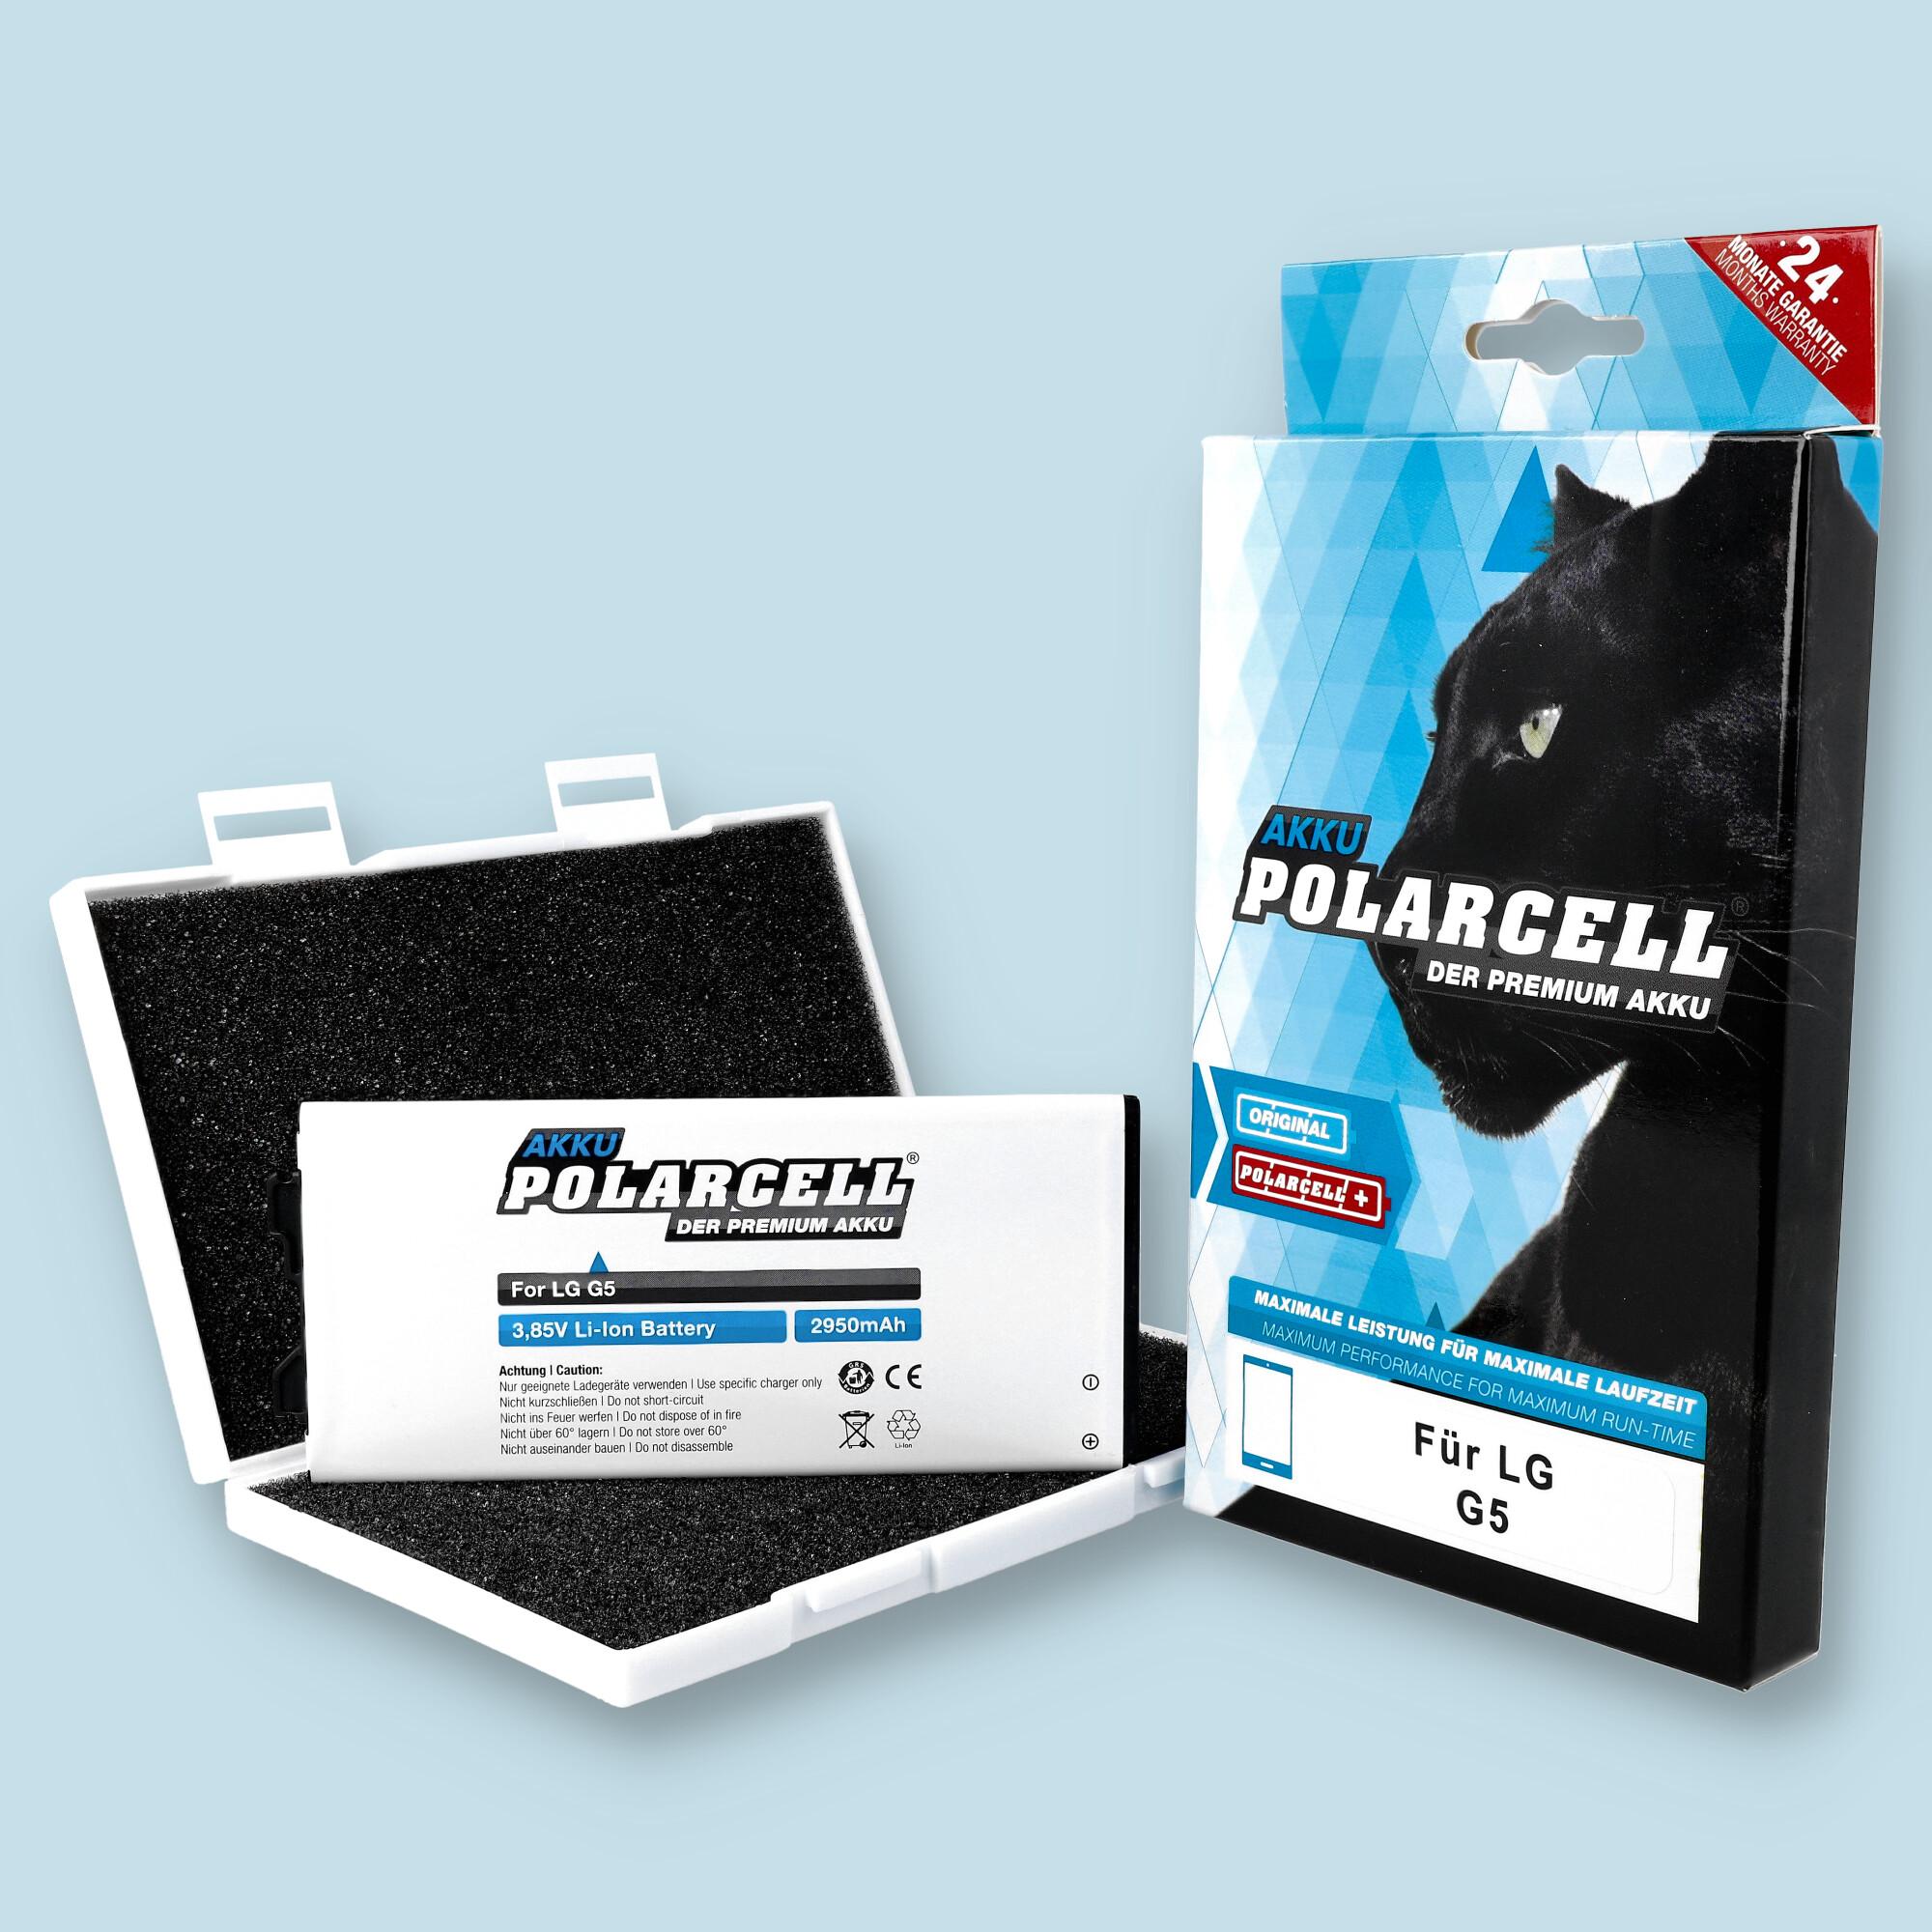 PolarCell® Hochleistungsakku für LG G5 H850, ersetzt Originalakku BL-42D1F